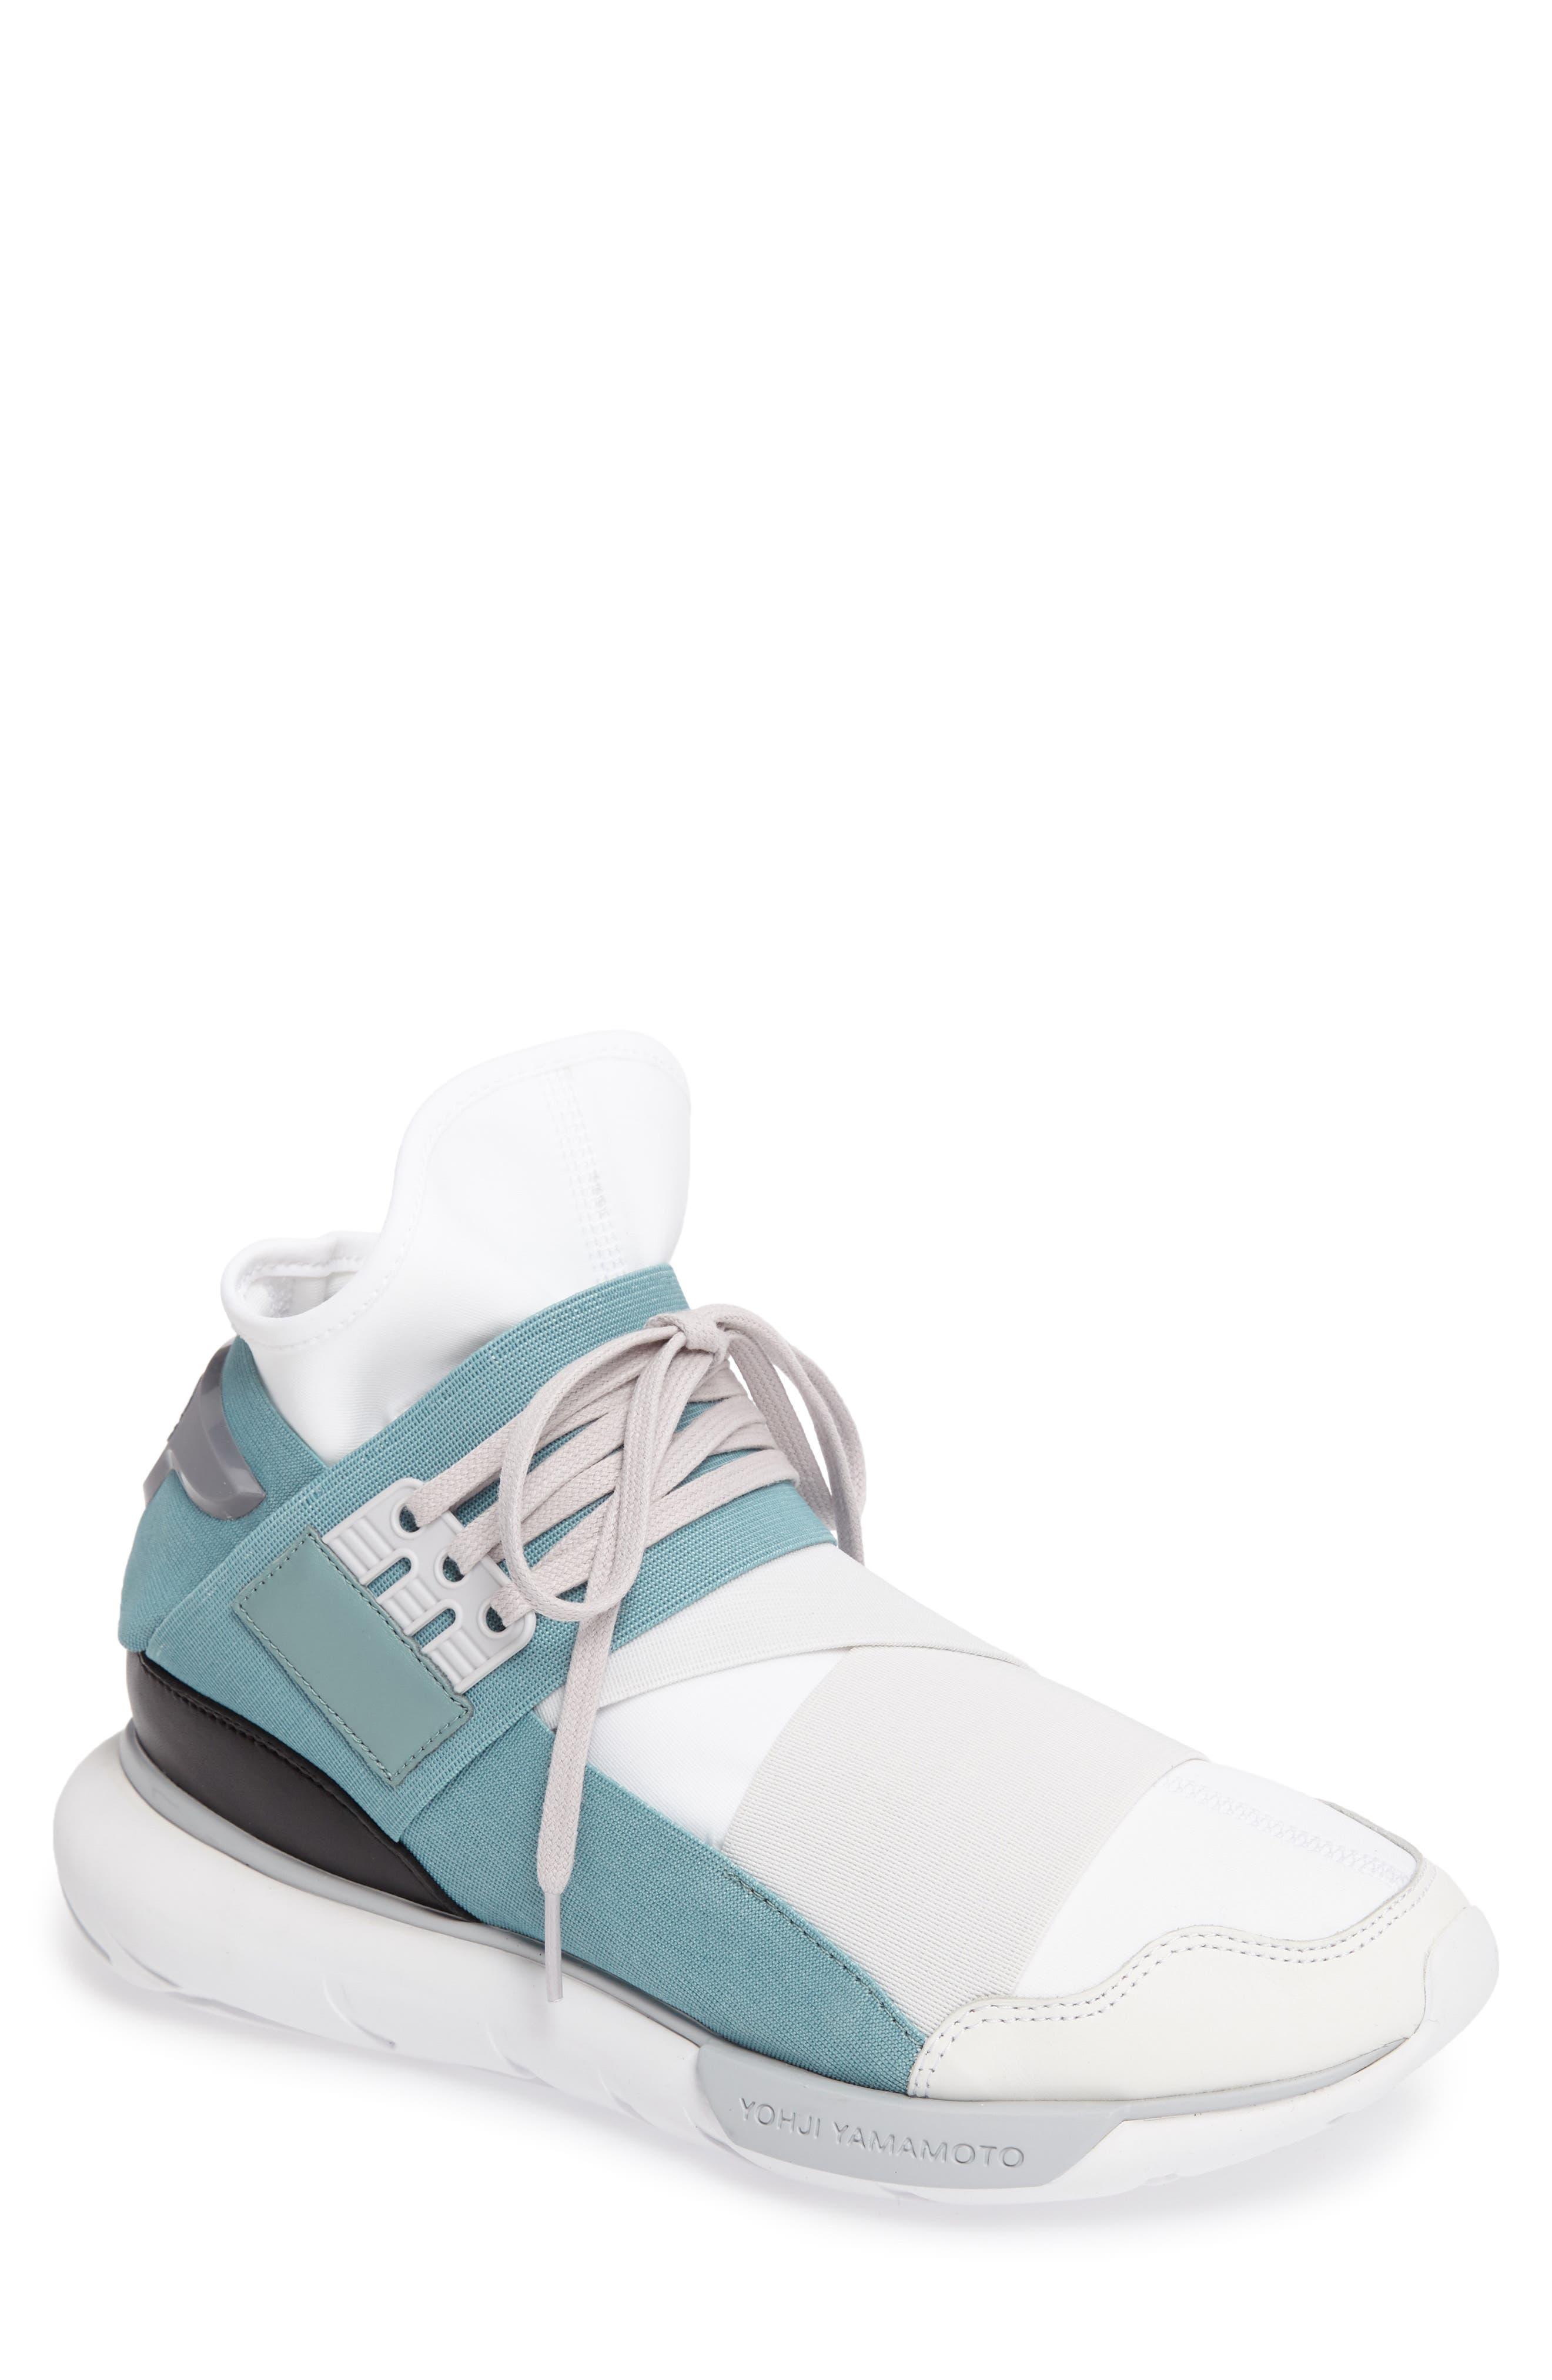 Y-3 'Qasa High' Sneaker